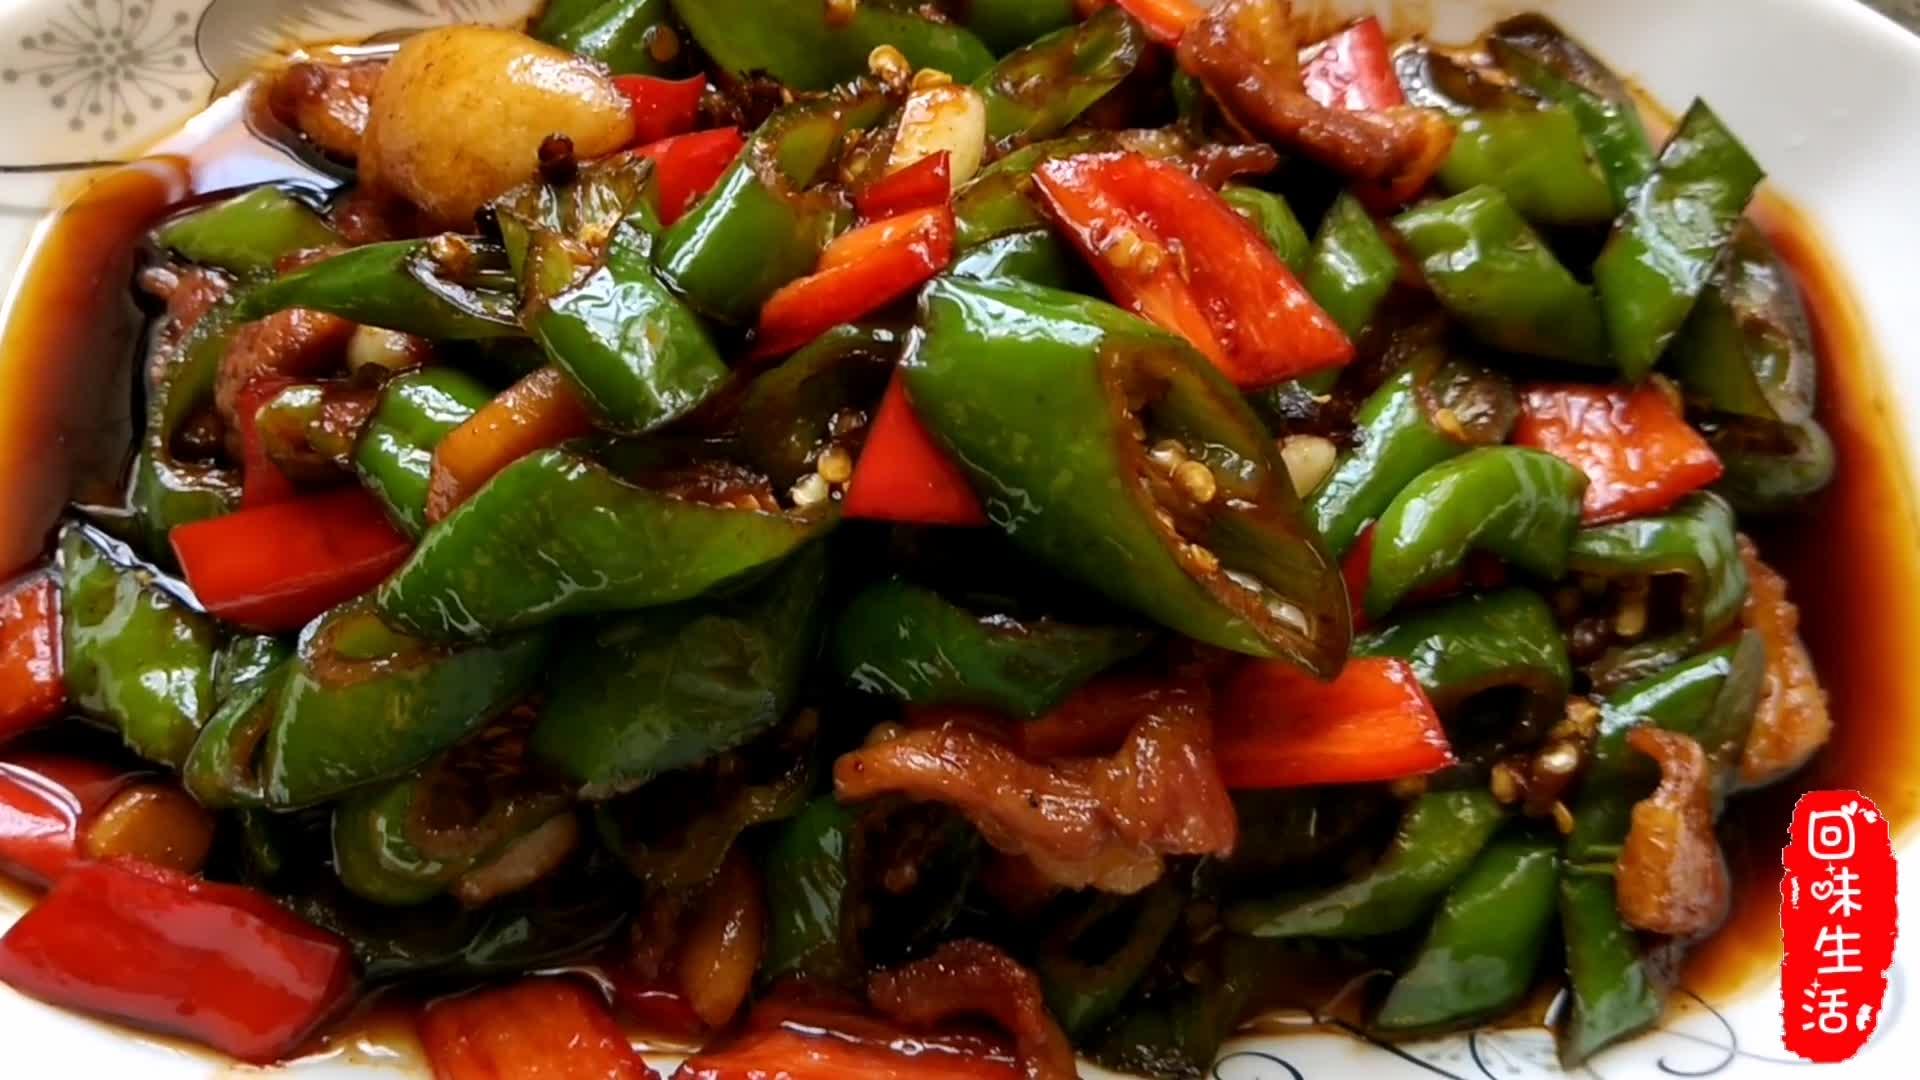 #舌尖上的美食# 青椒炒肉家常做法,媳妇吃了连连夸赞,一下多给100块零花钱